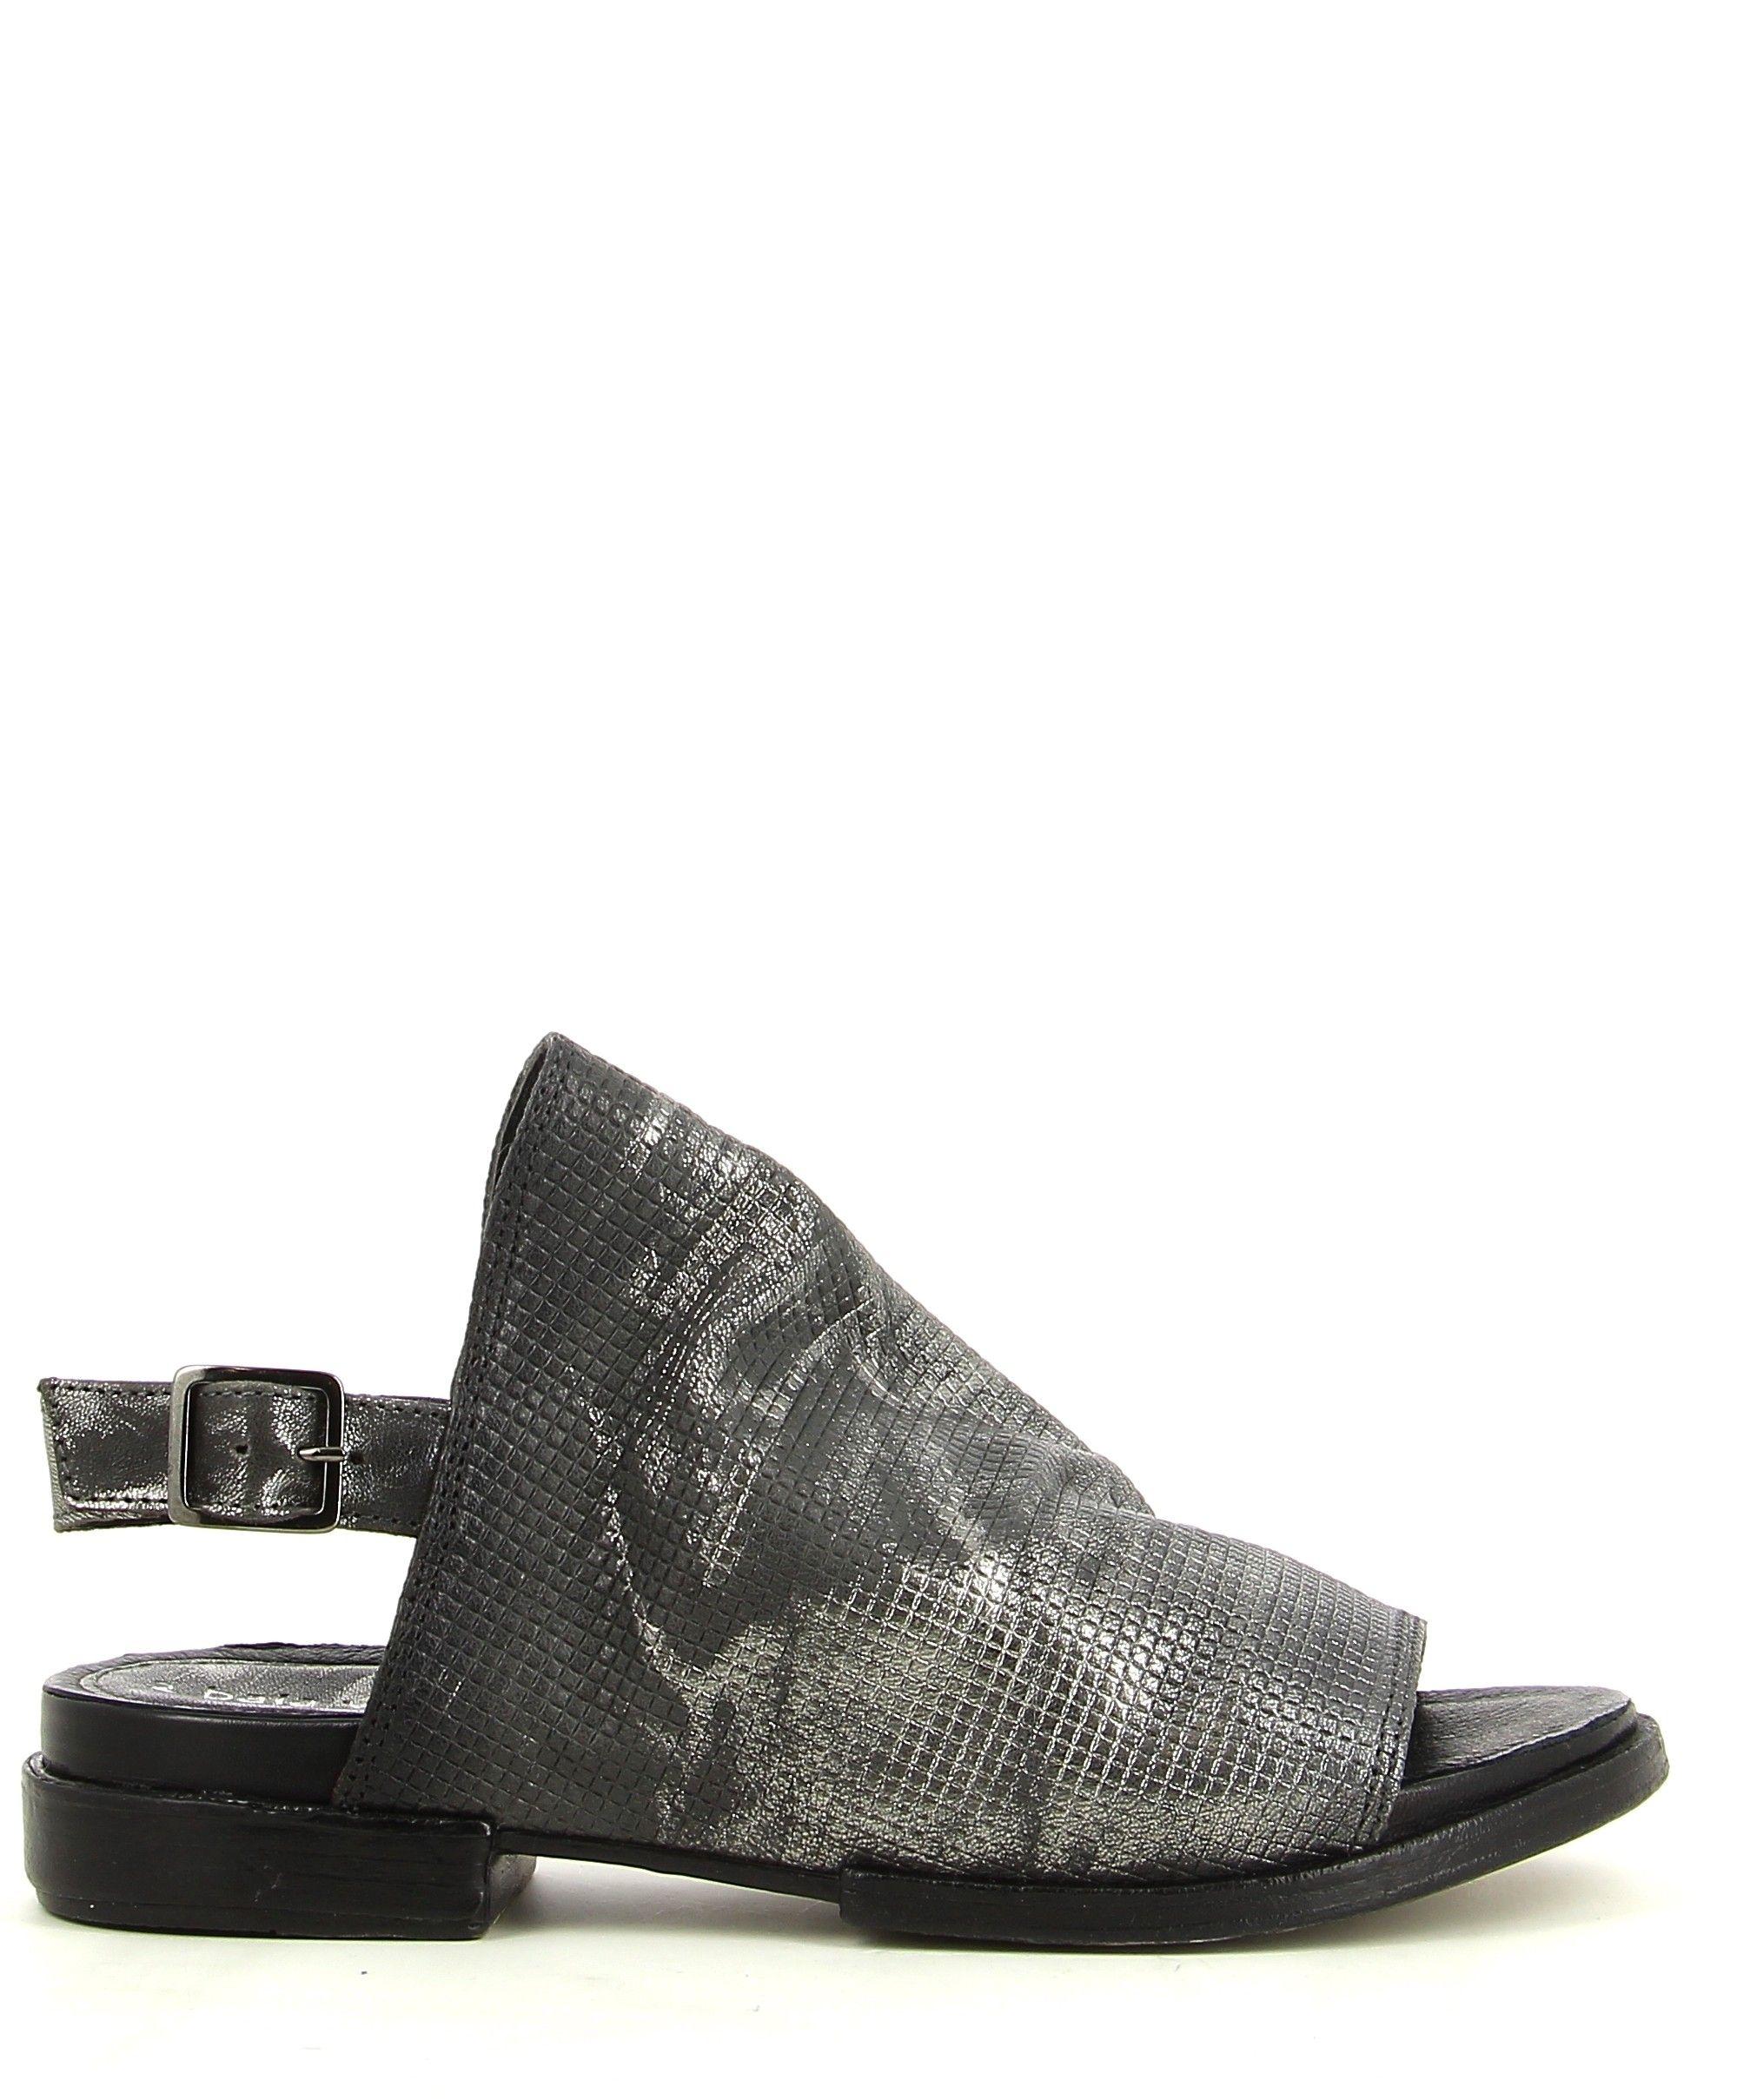 2 Baia Vista 1bocia128 Nero Grigio Ankle Boot Boots Shoes